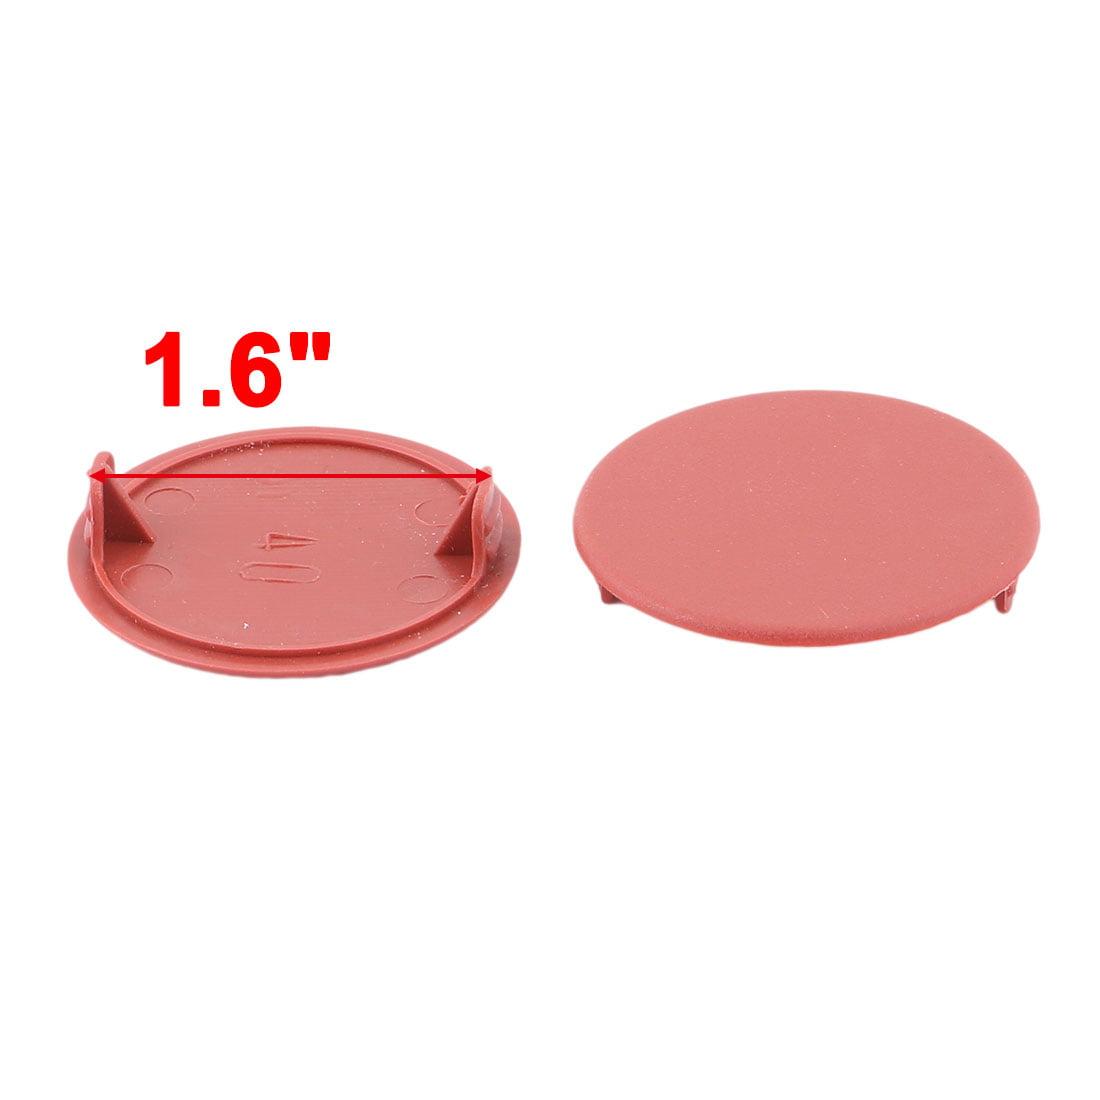 Home Plastic Round Shaped Dustproof Hole Lid Screw Cap Cover Brown 42pcs - image 2 de 3